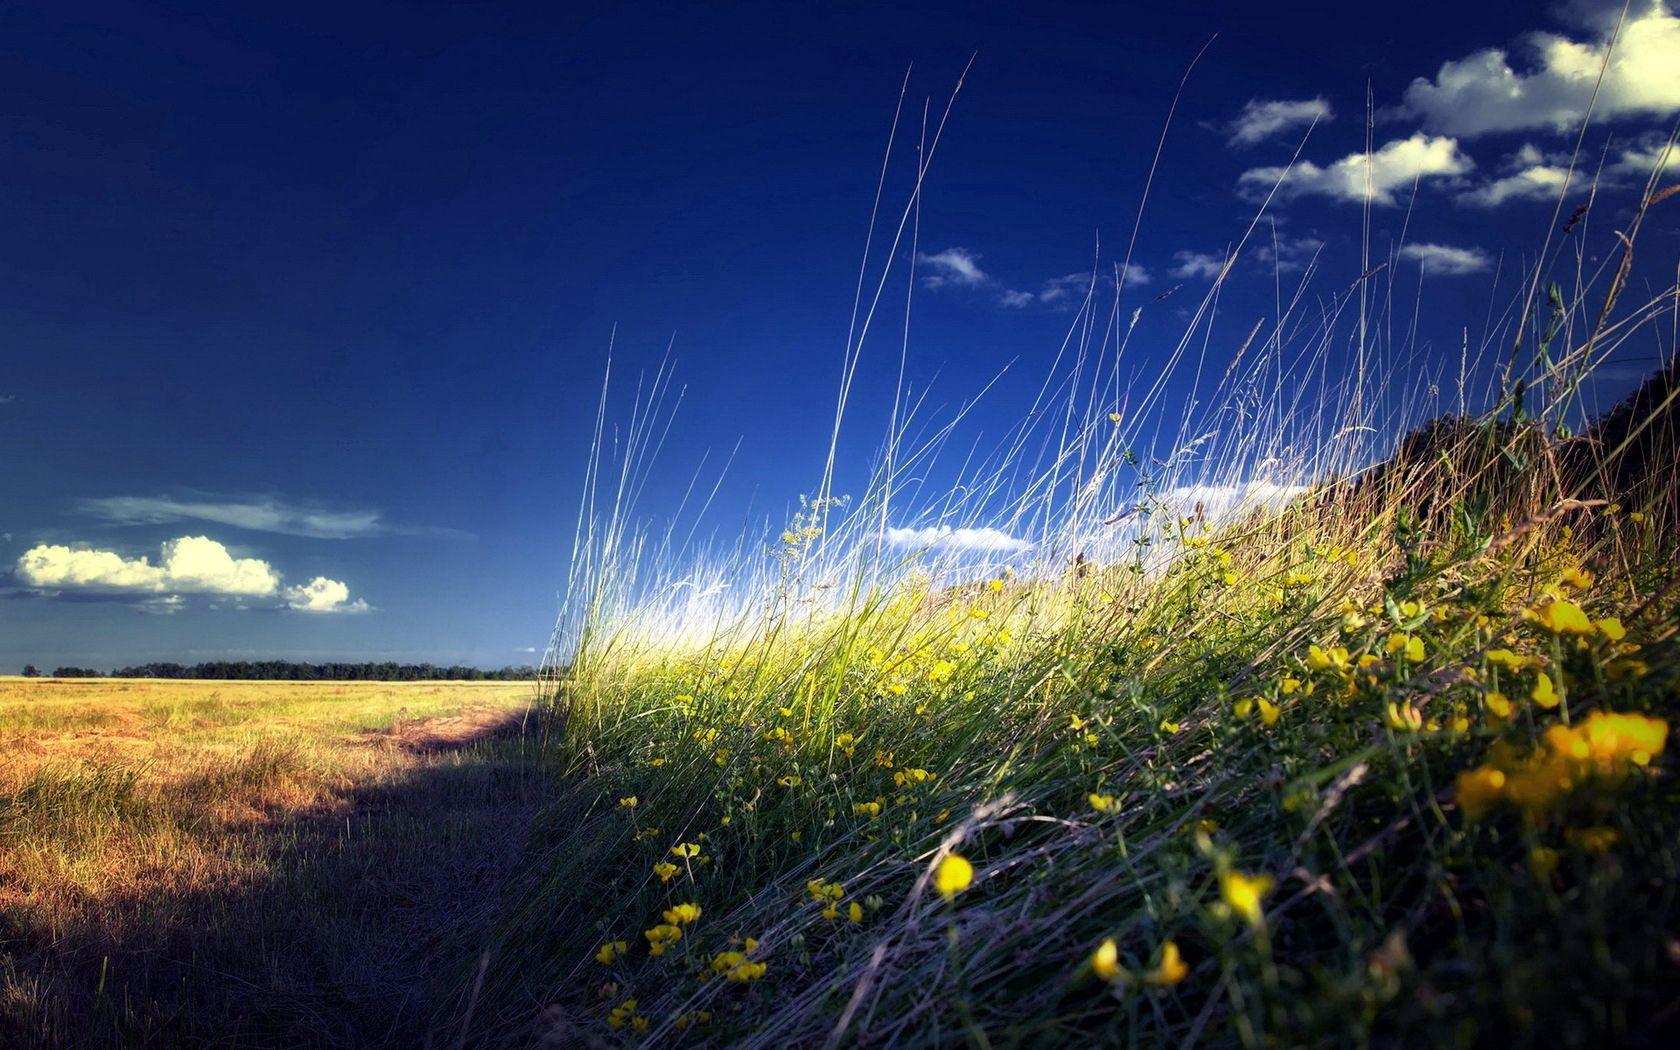 61057 скачать обои Природа, Поле, Трава, Лето, Пейзаж, Цветы - заставки и картинки бесплатно